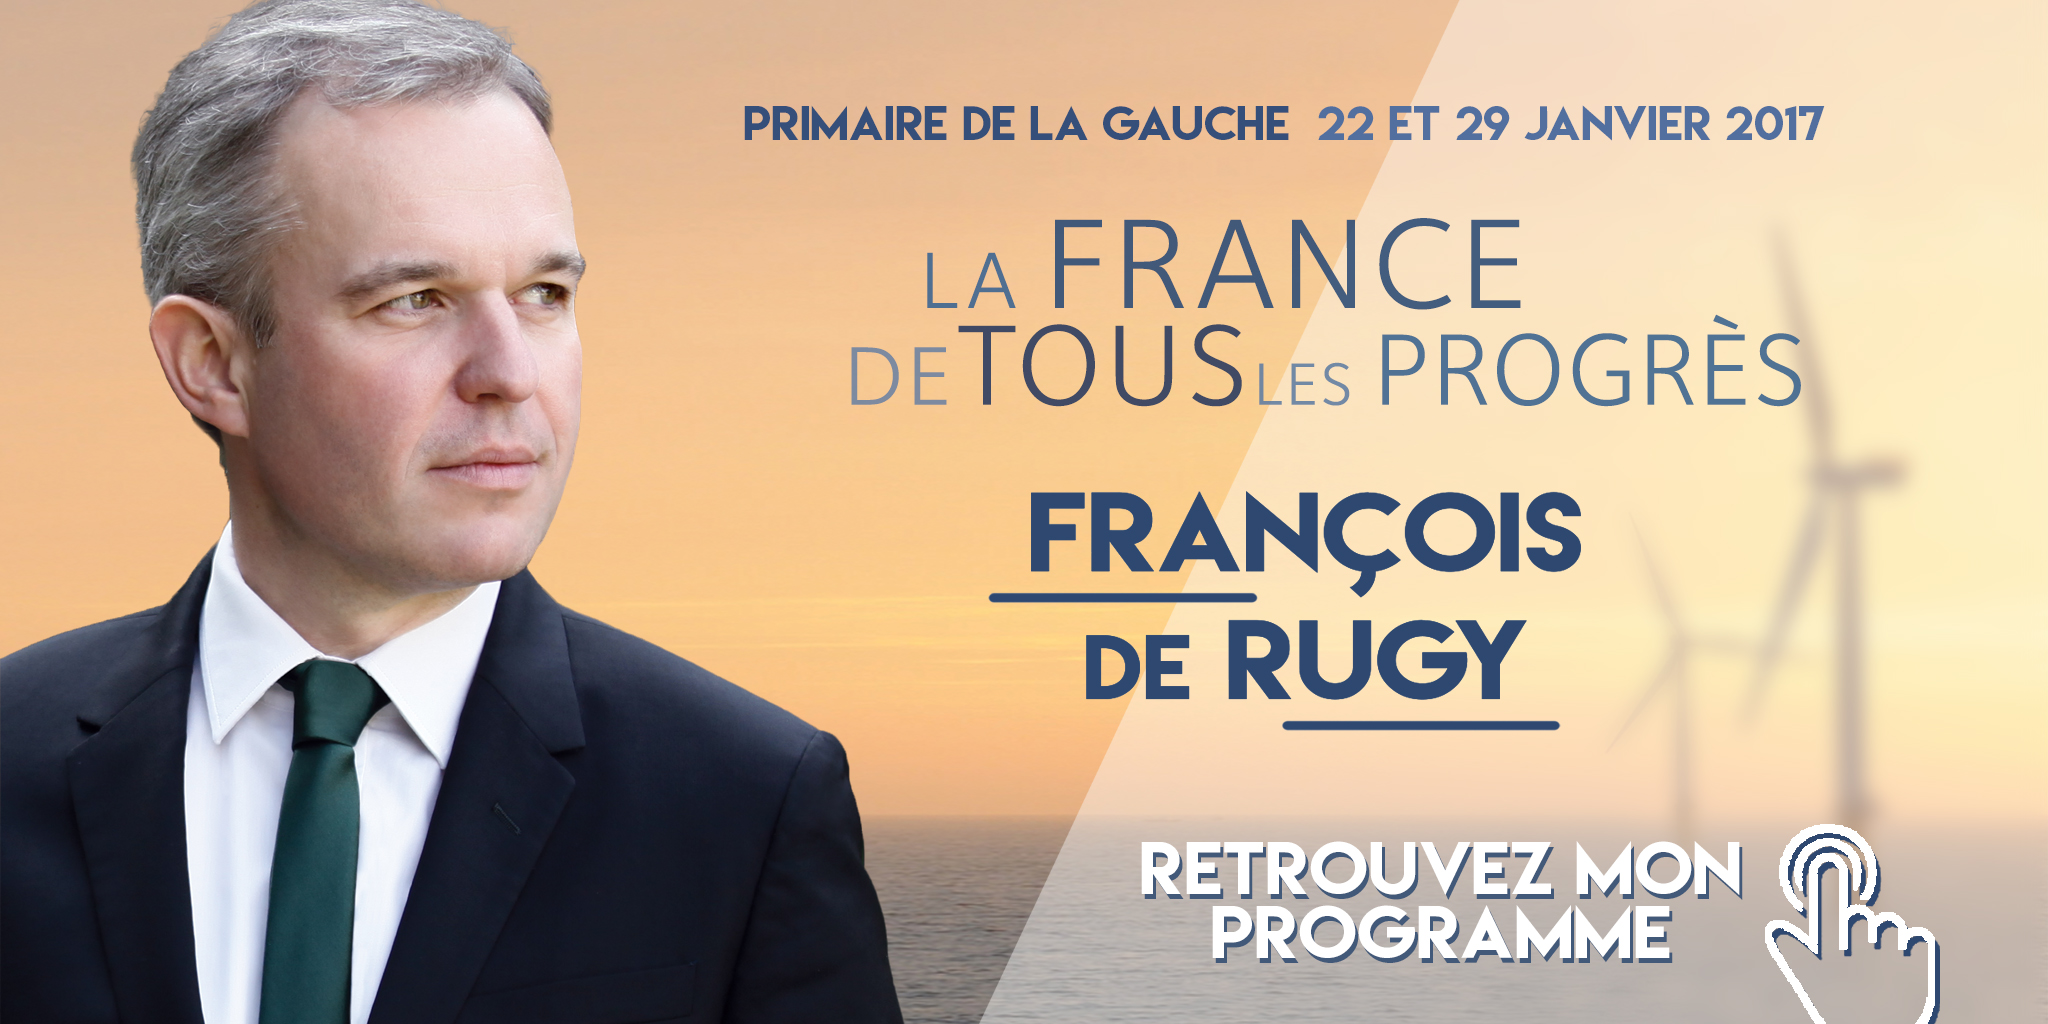 L'égalité Homme/Femme chez François De Rugy ça attendra